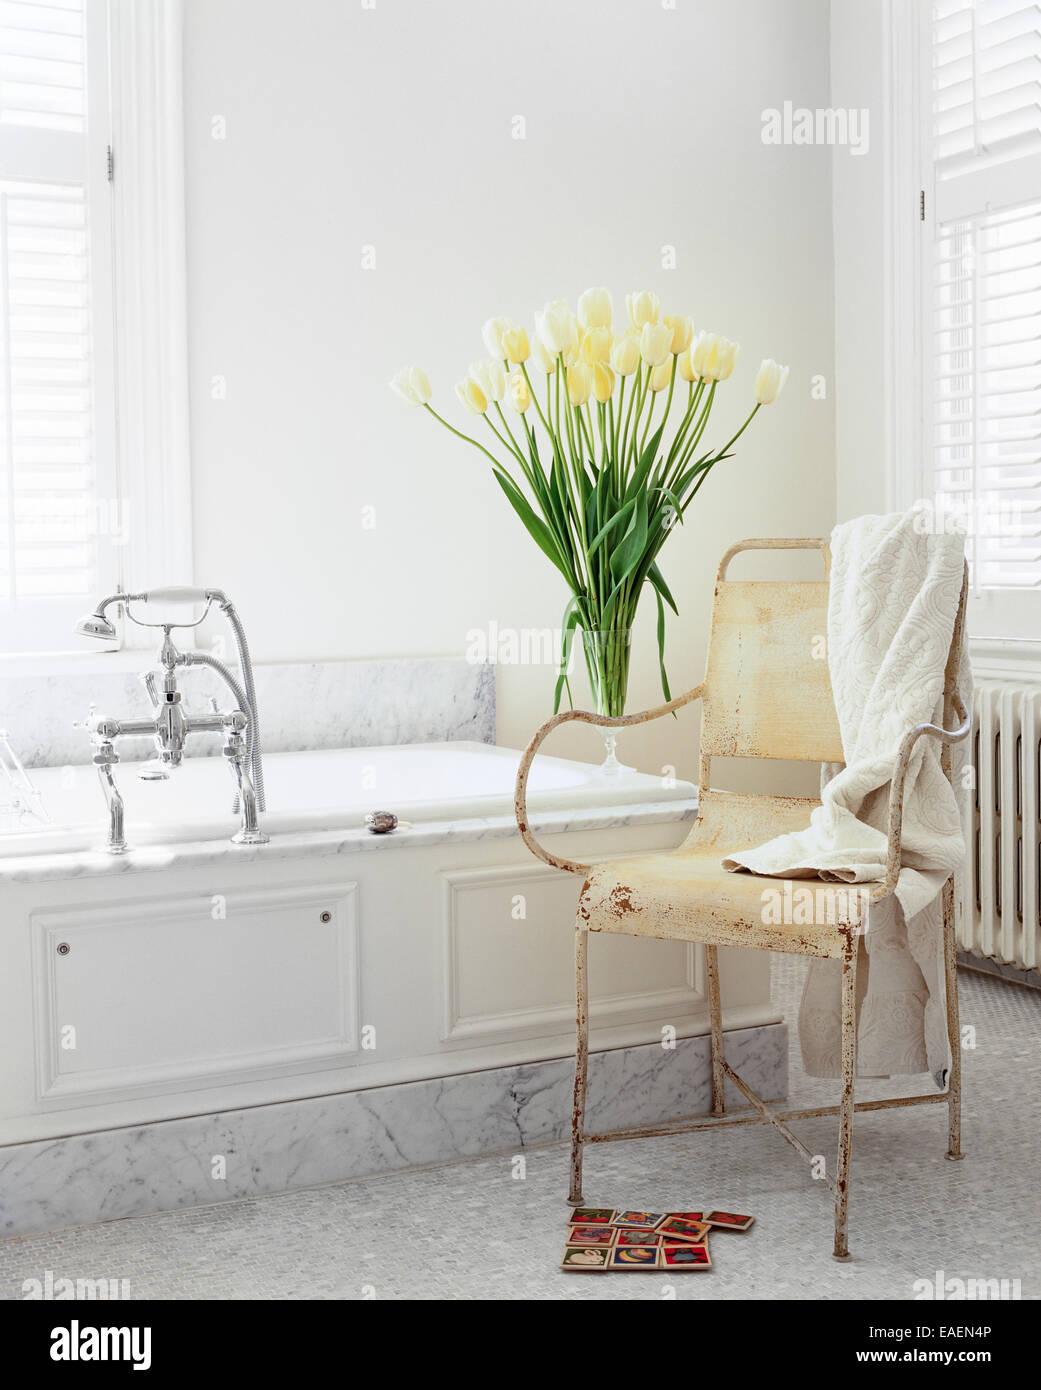 Moderno shabby chic bagno bianco con marmo bianco, tulipani e ...